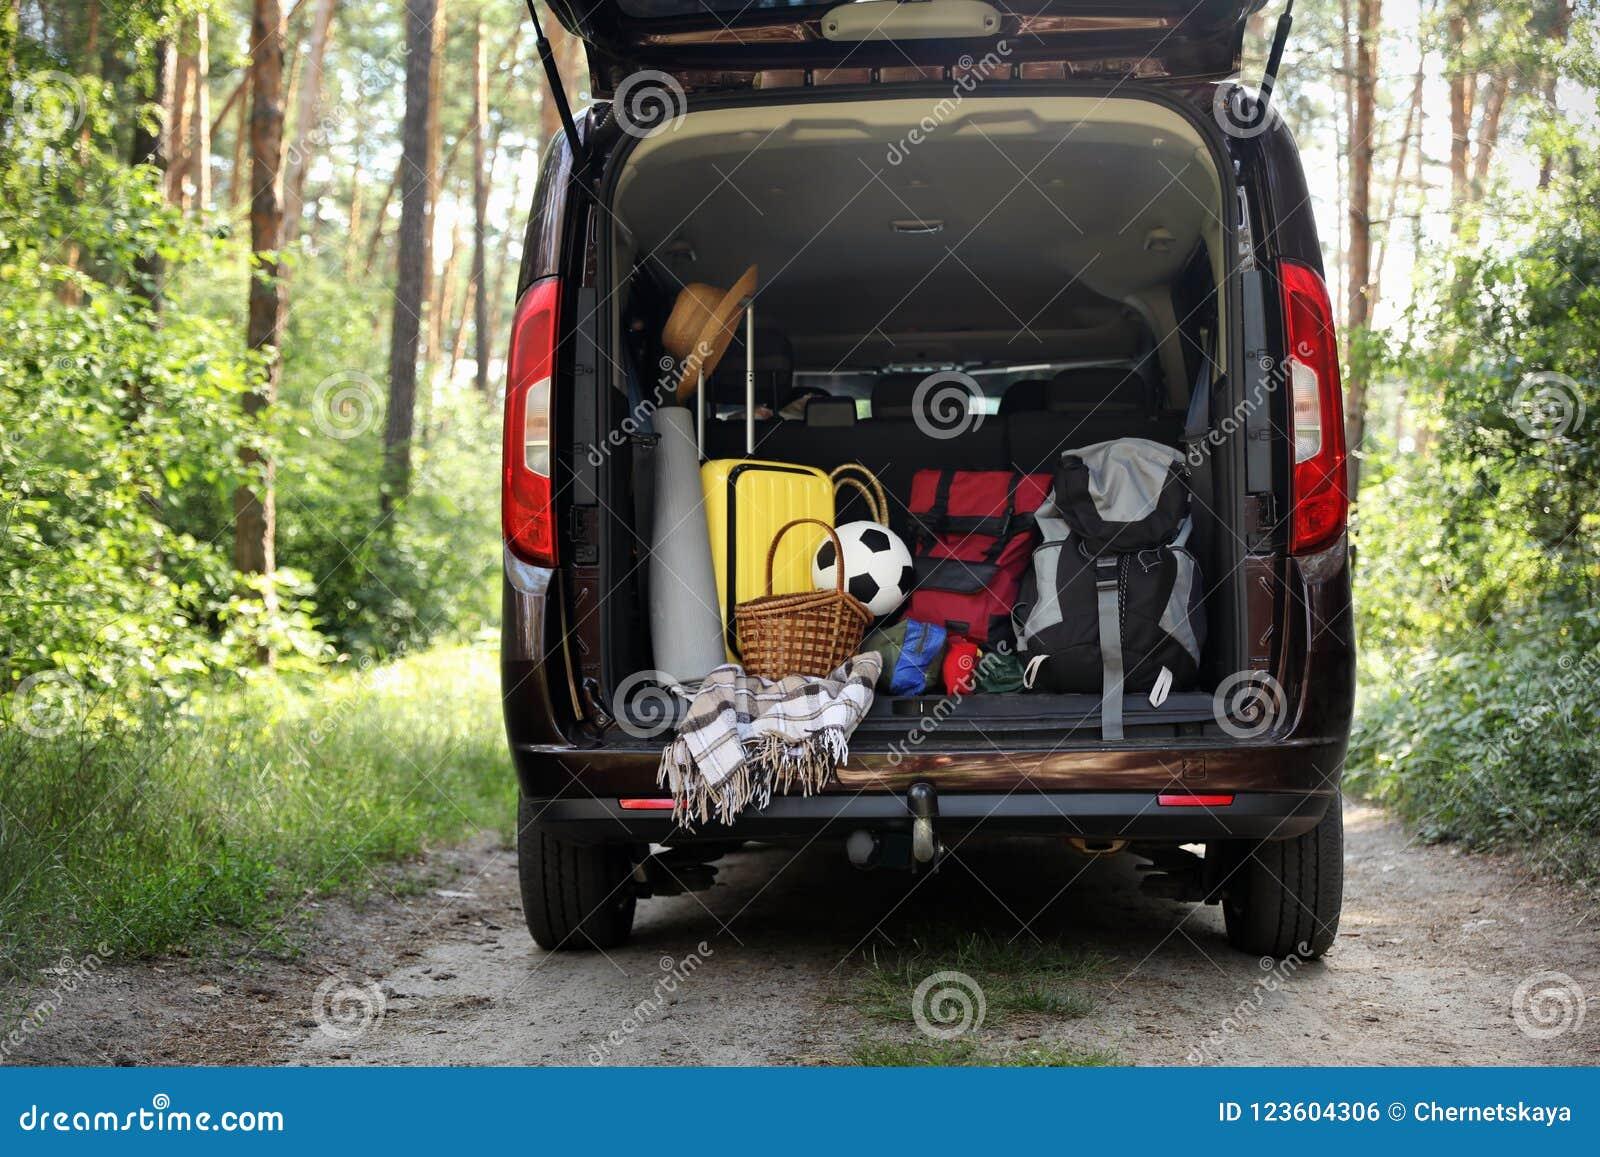 Bestelwagen met het kamperen materiaal in boomstam